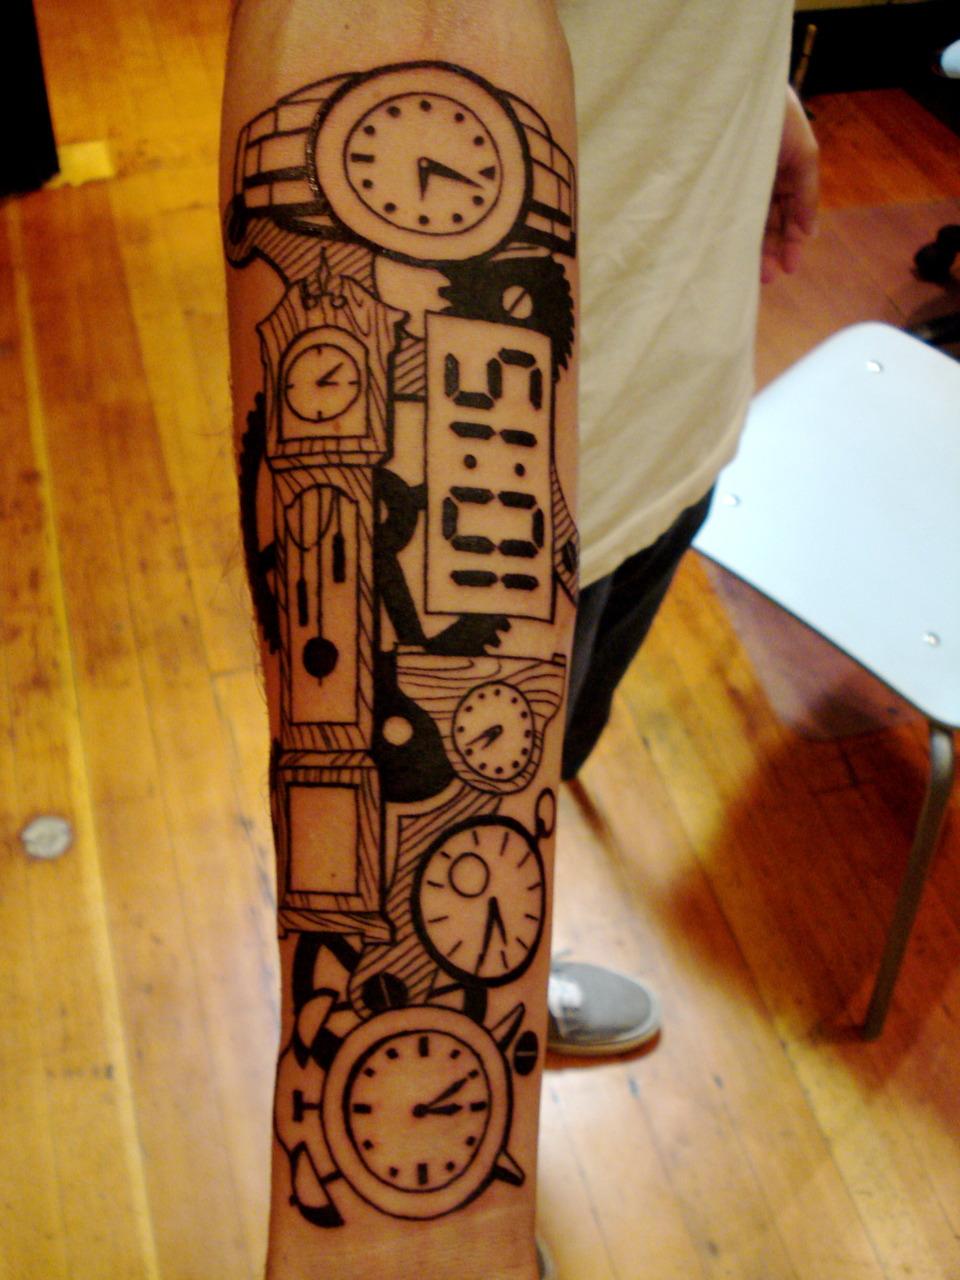 clocks-tattoo1.jpeg